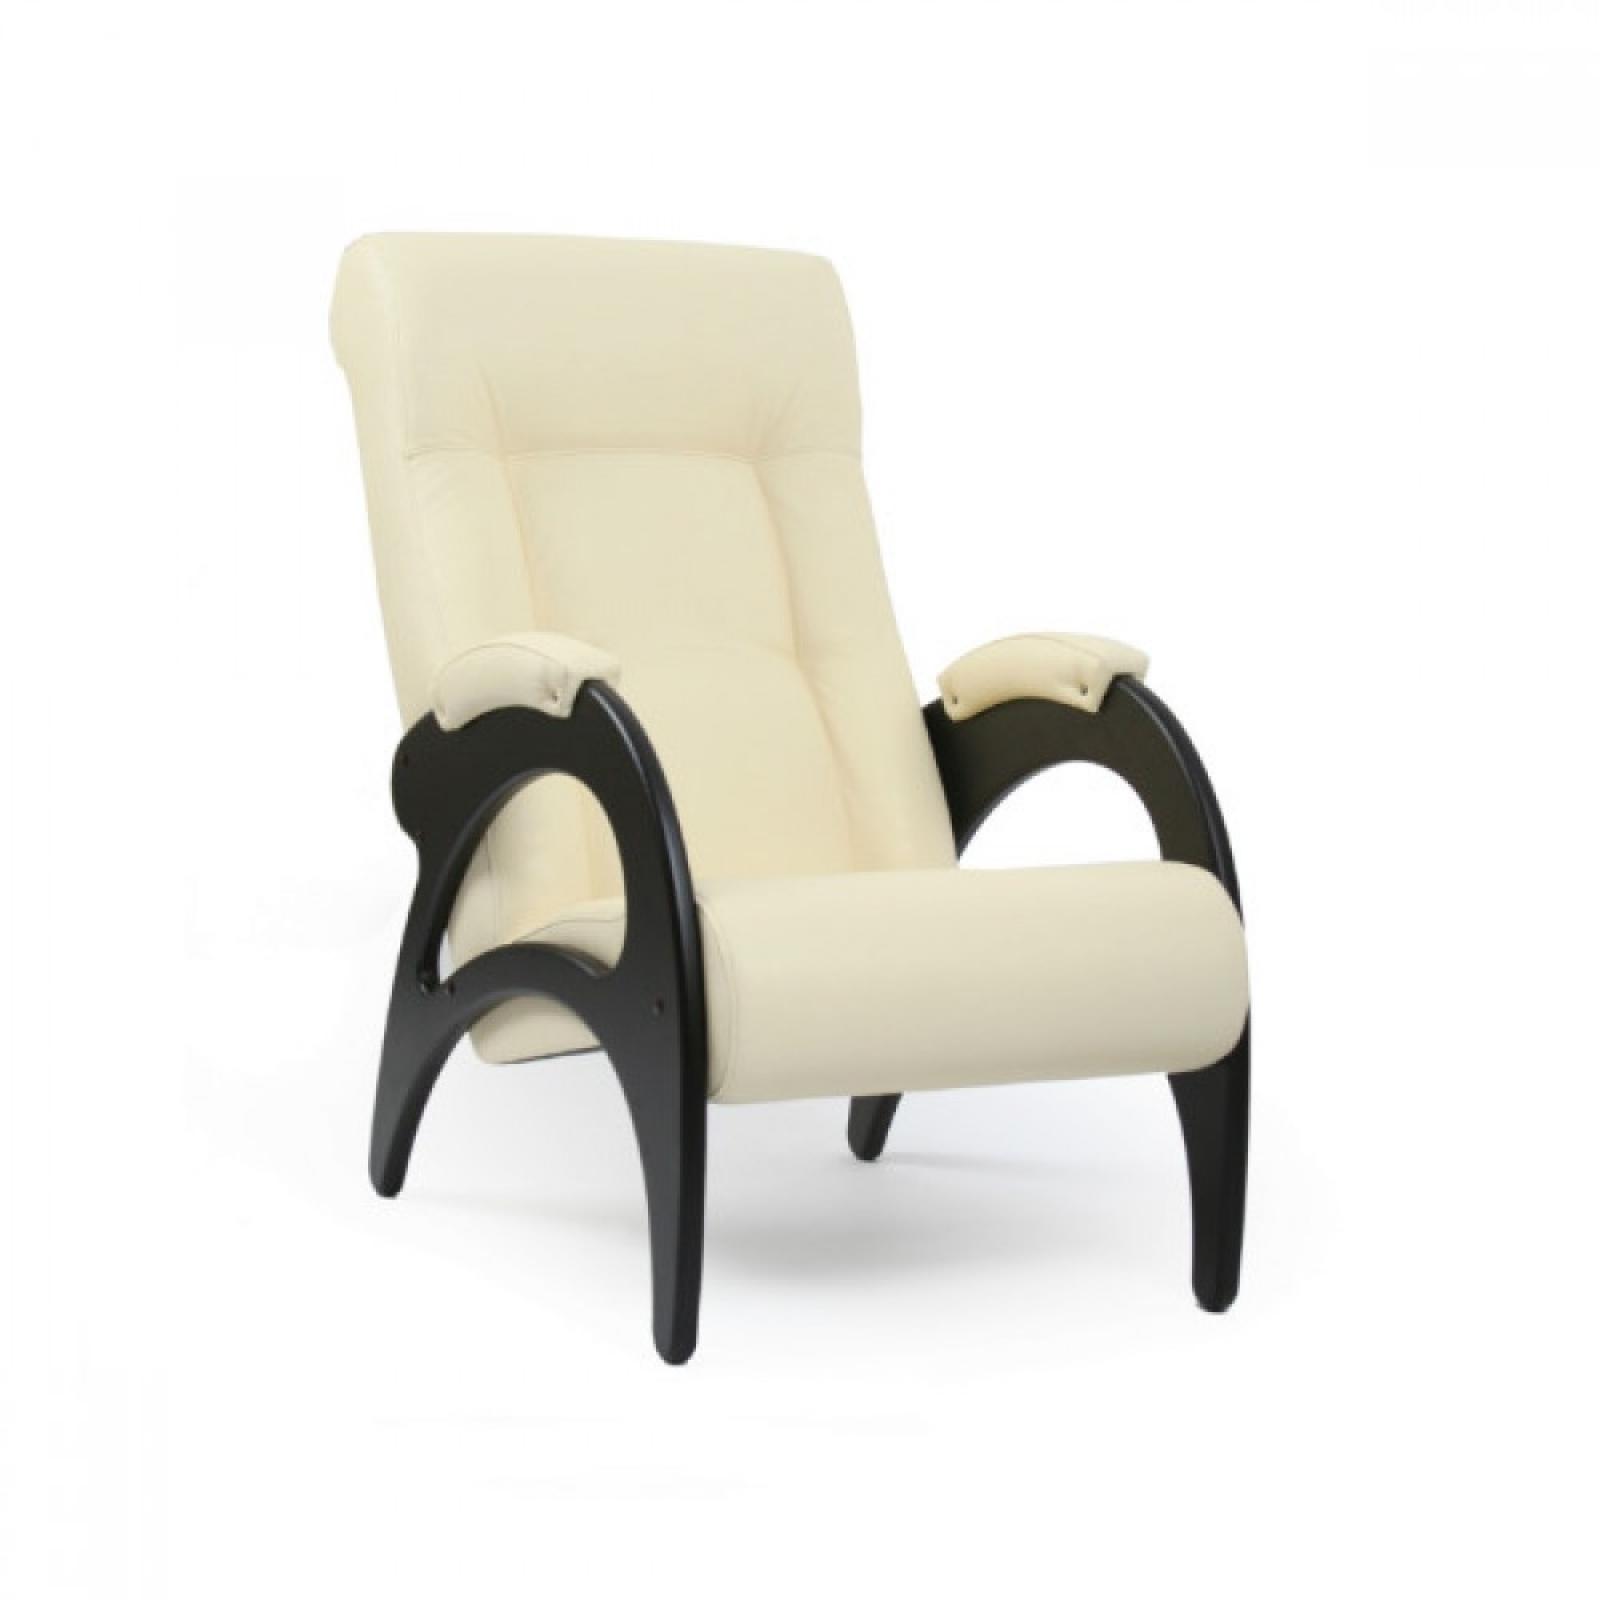 Кресло для отдыха, Модель 41 (без декоративной косичкой) Венге/Манго 002 - 1